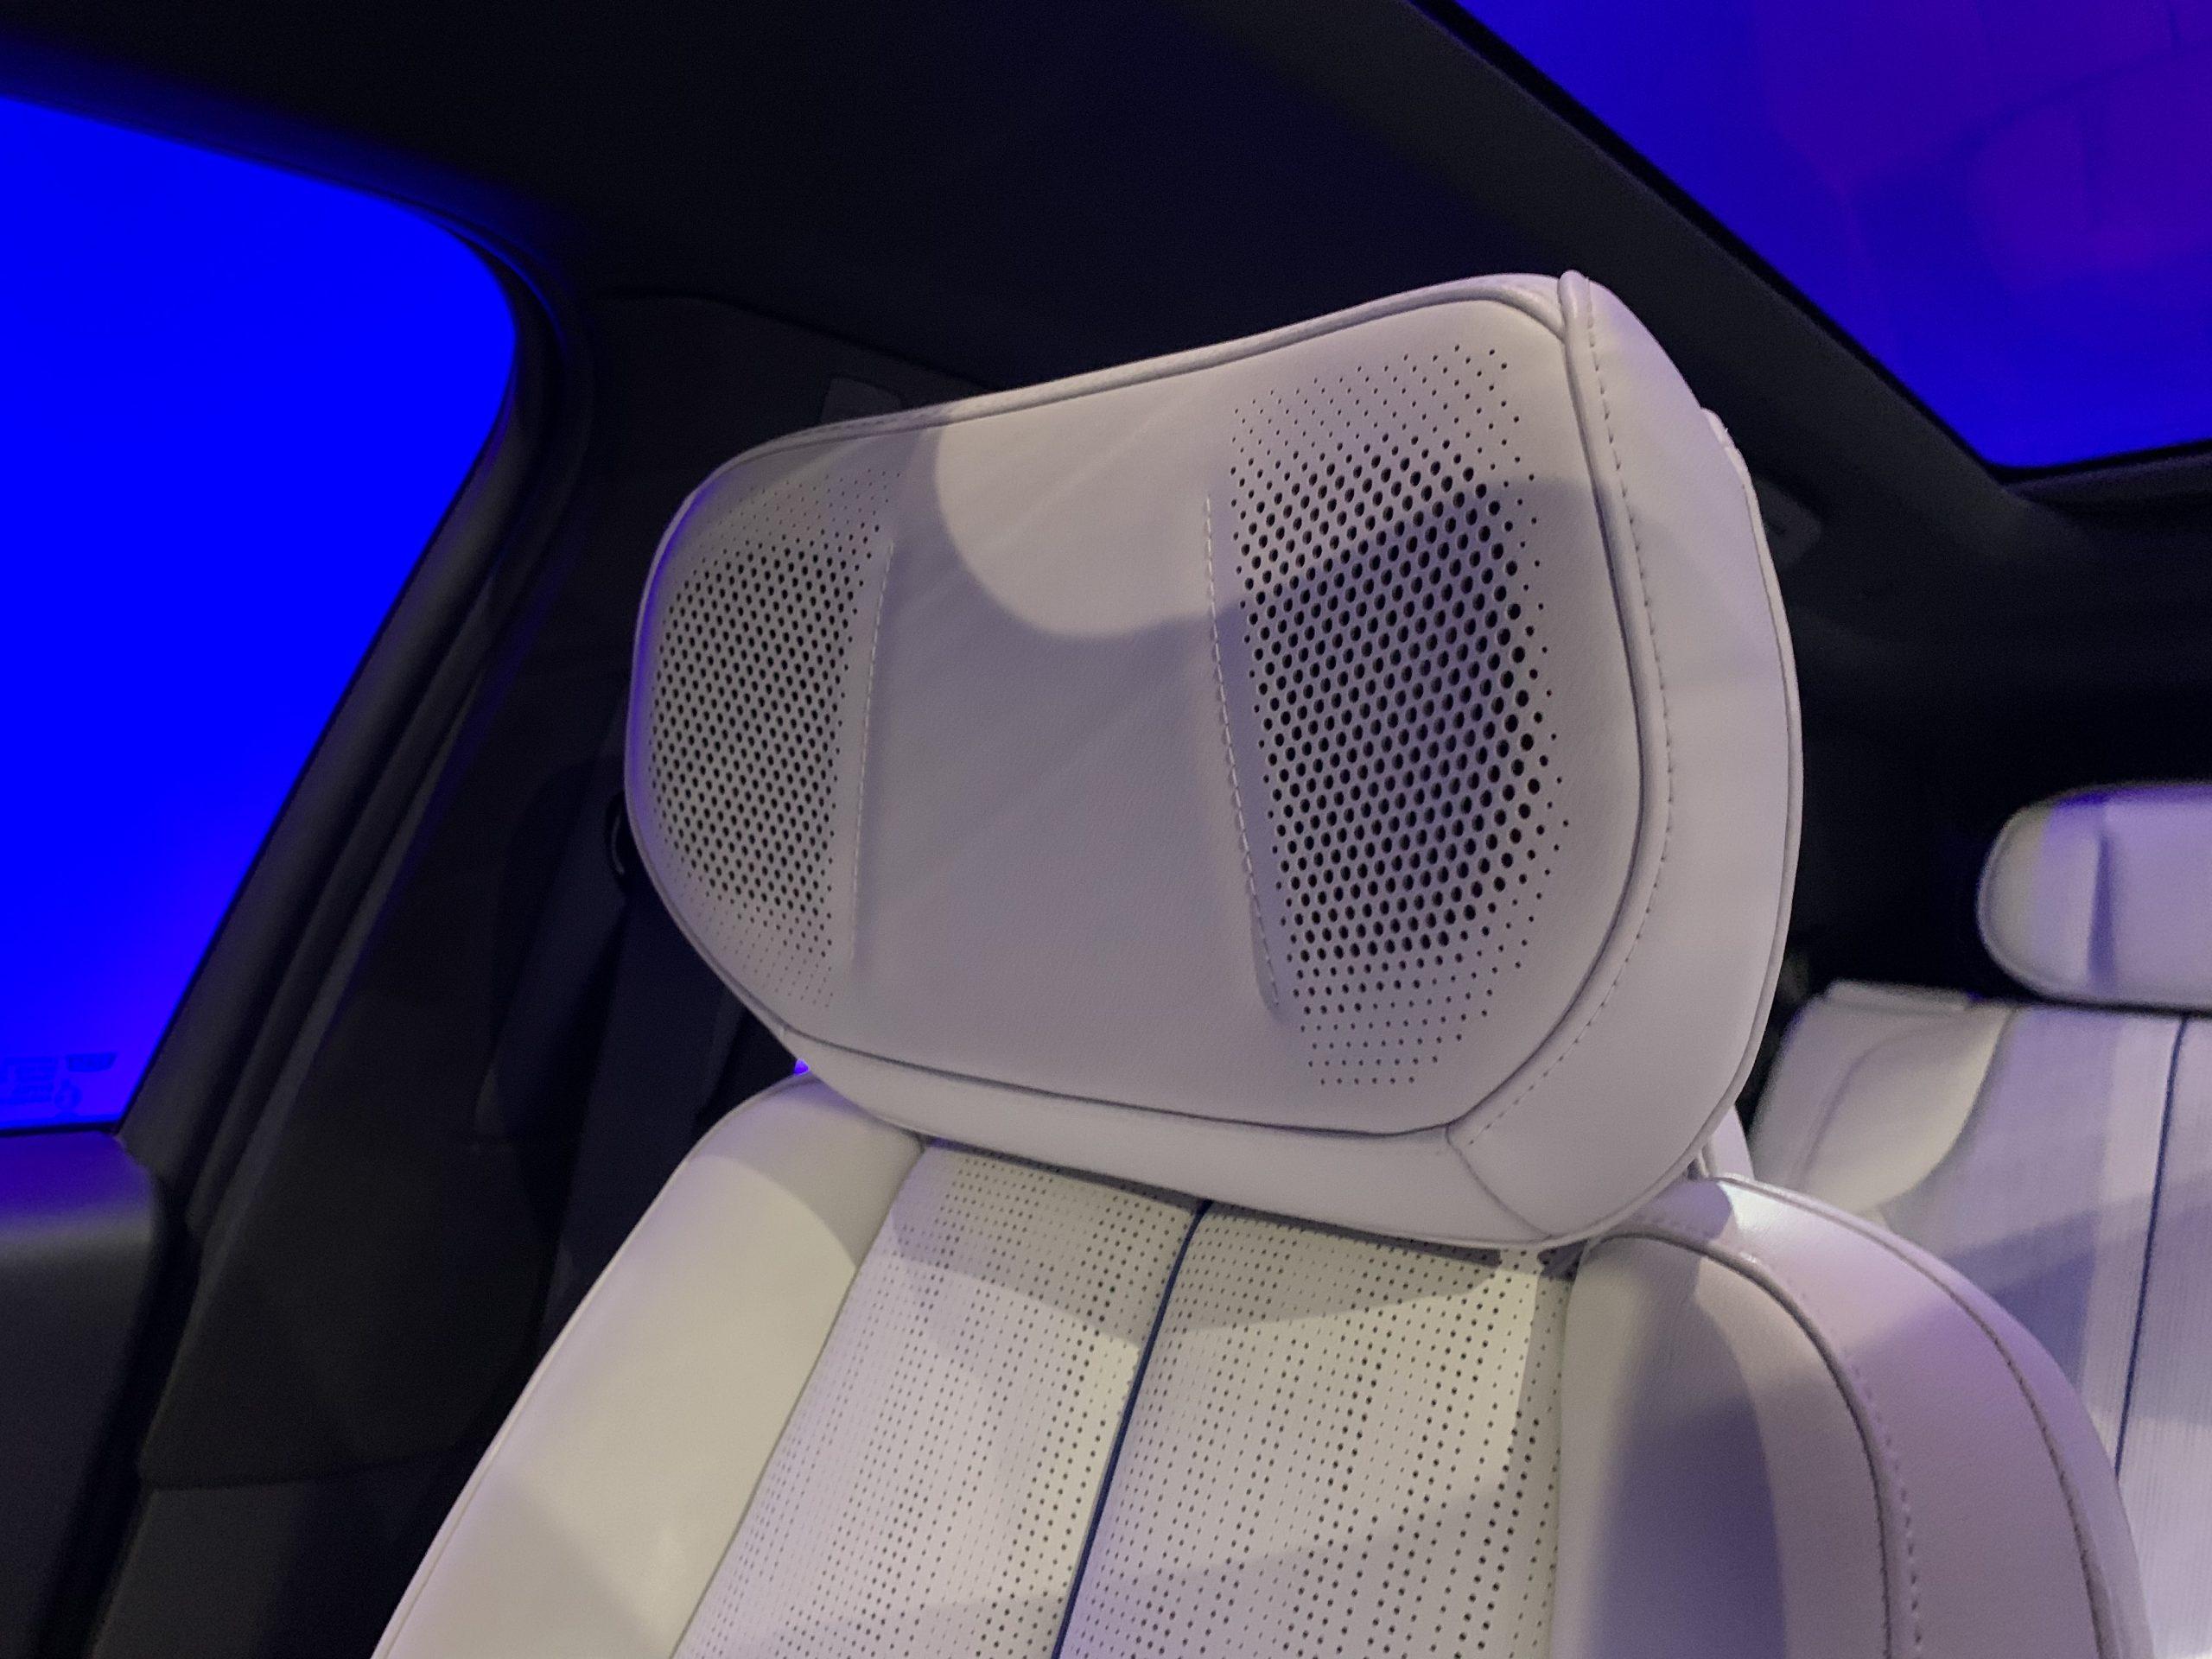 2023 Cadillac Lyriq interior headrest speakers